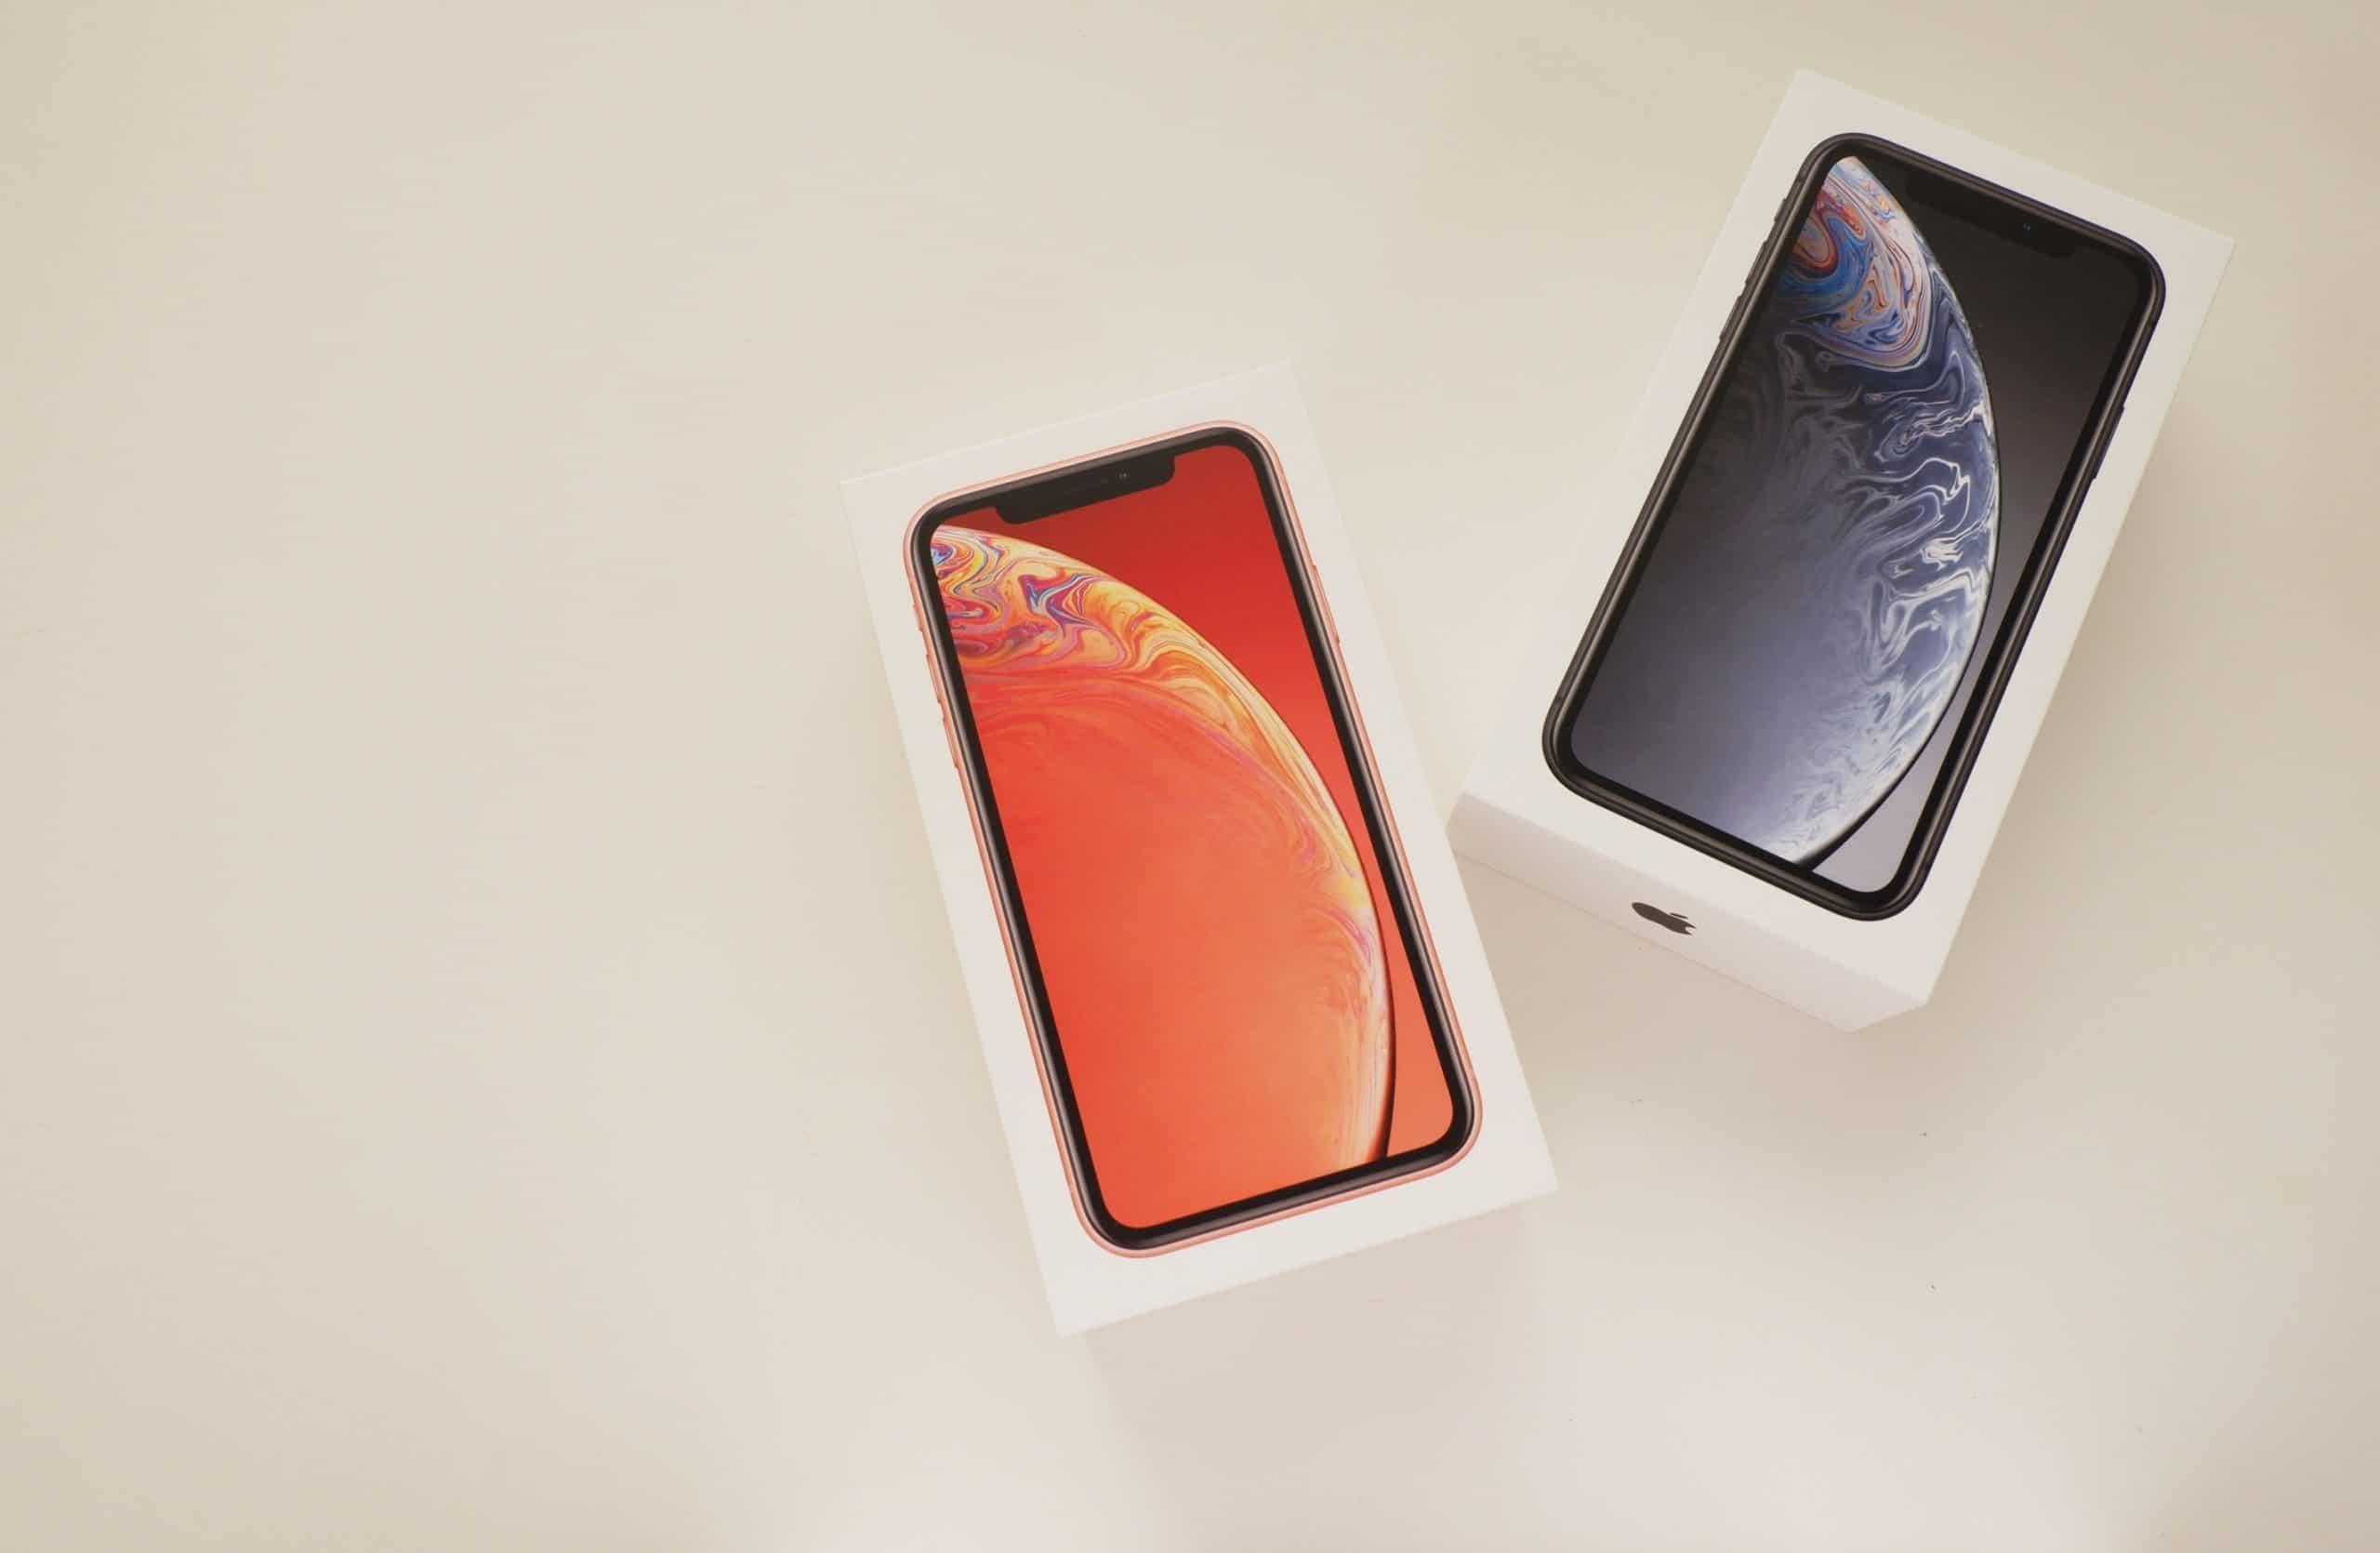 Caixas de iPhones XR